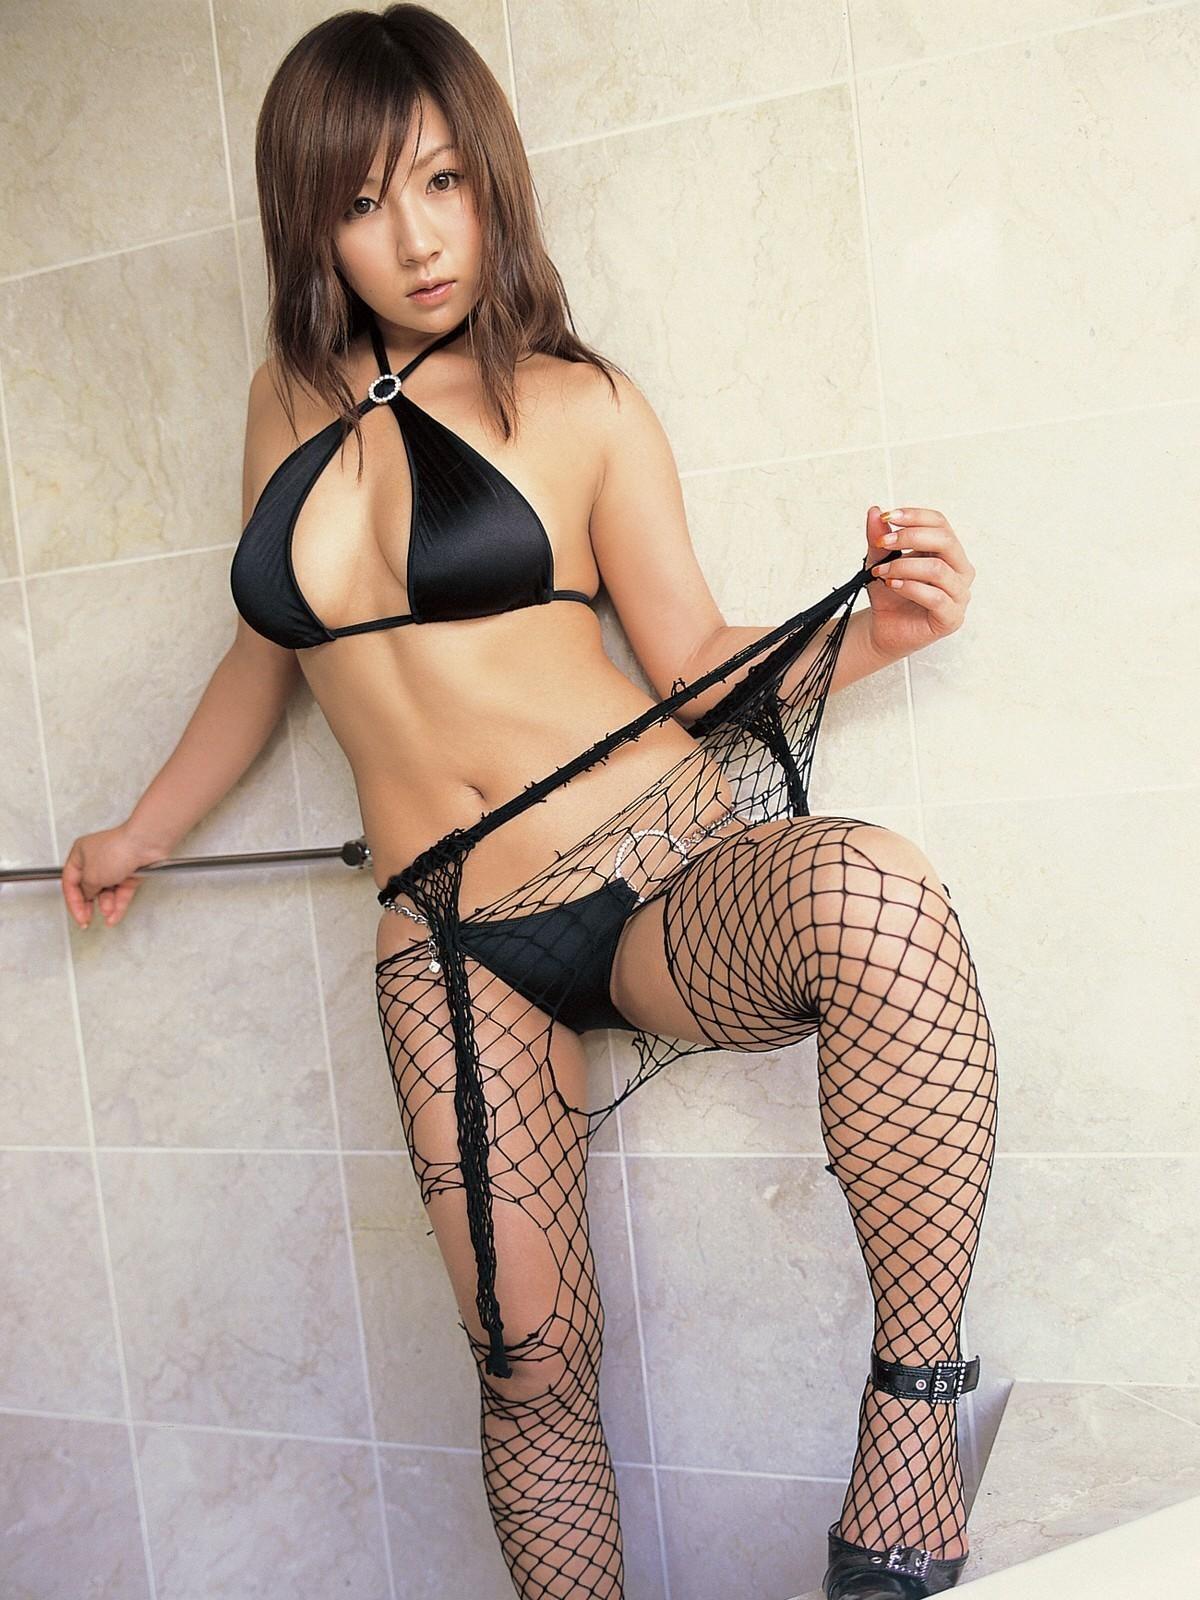 三次元 3次元 網タイツ 美脚 エロ画像 べっぴん娘通信 07